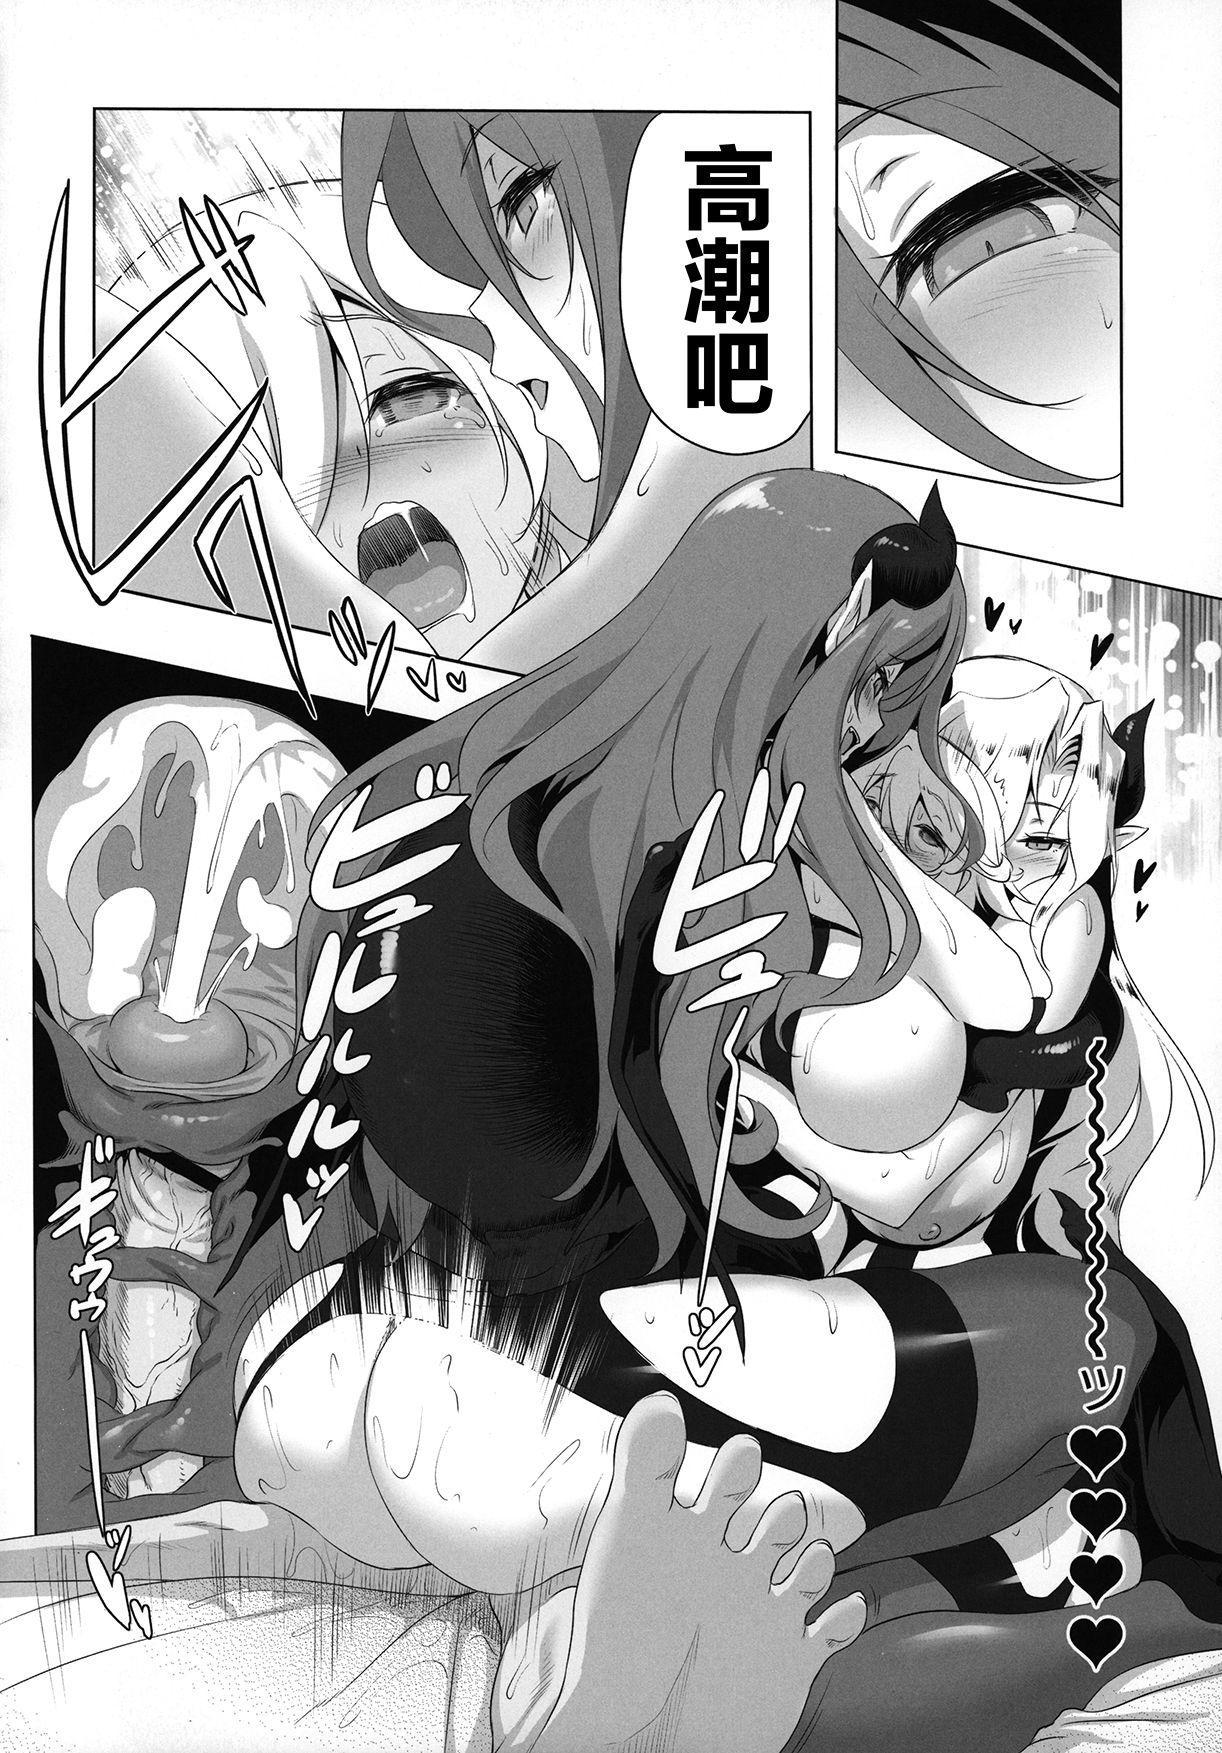 Makotoni Zannen desu ga Bouken no Sho 6 wa Kiete Shimaimashita. 17